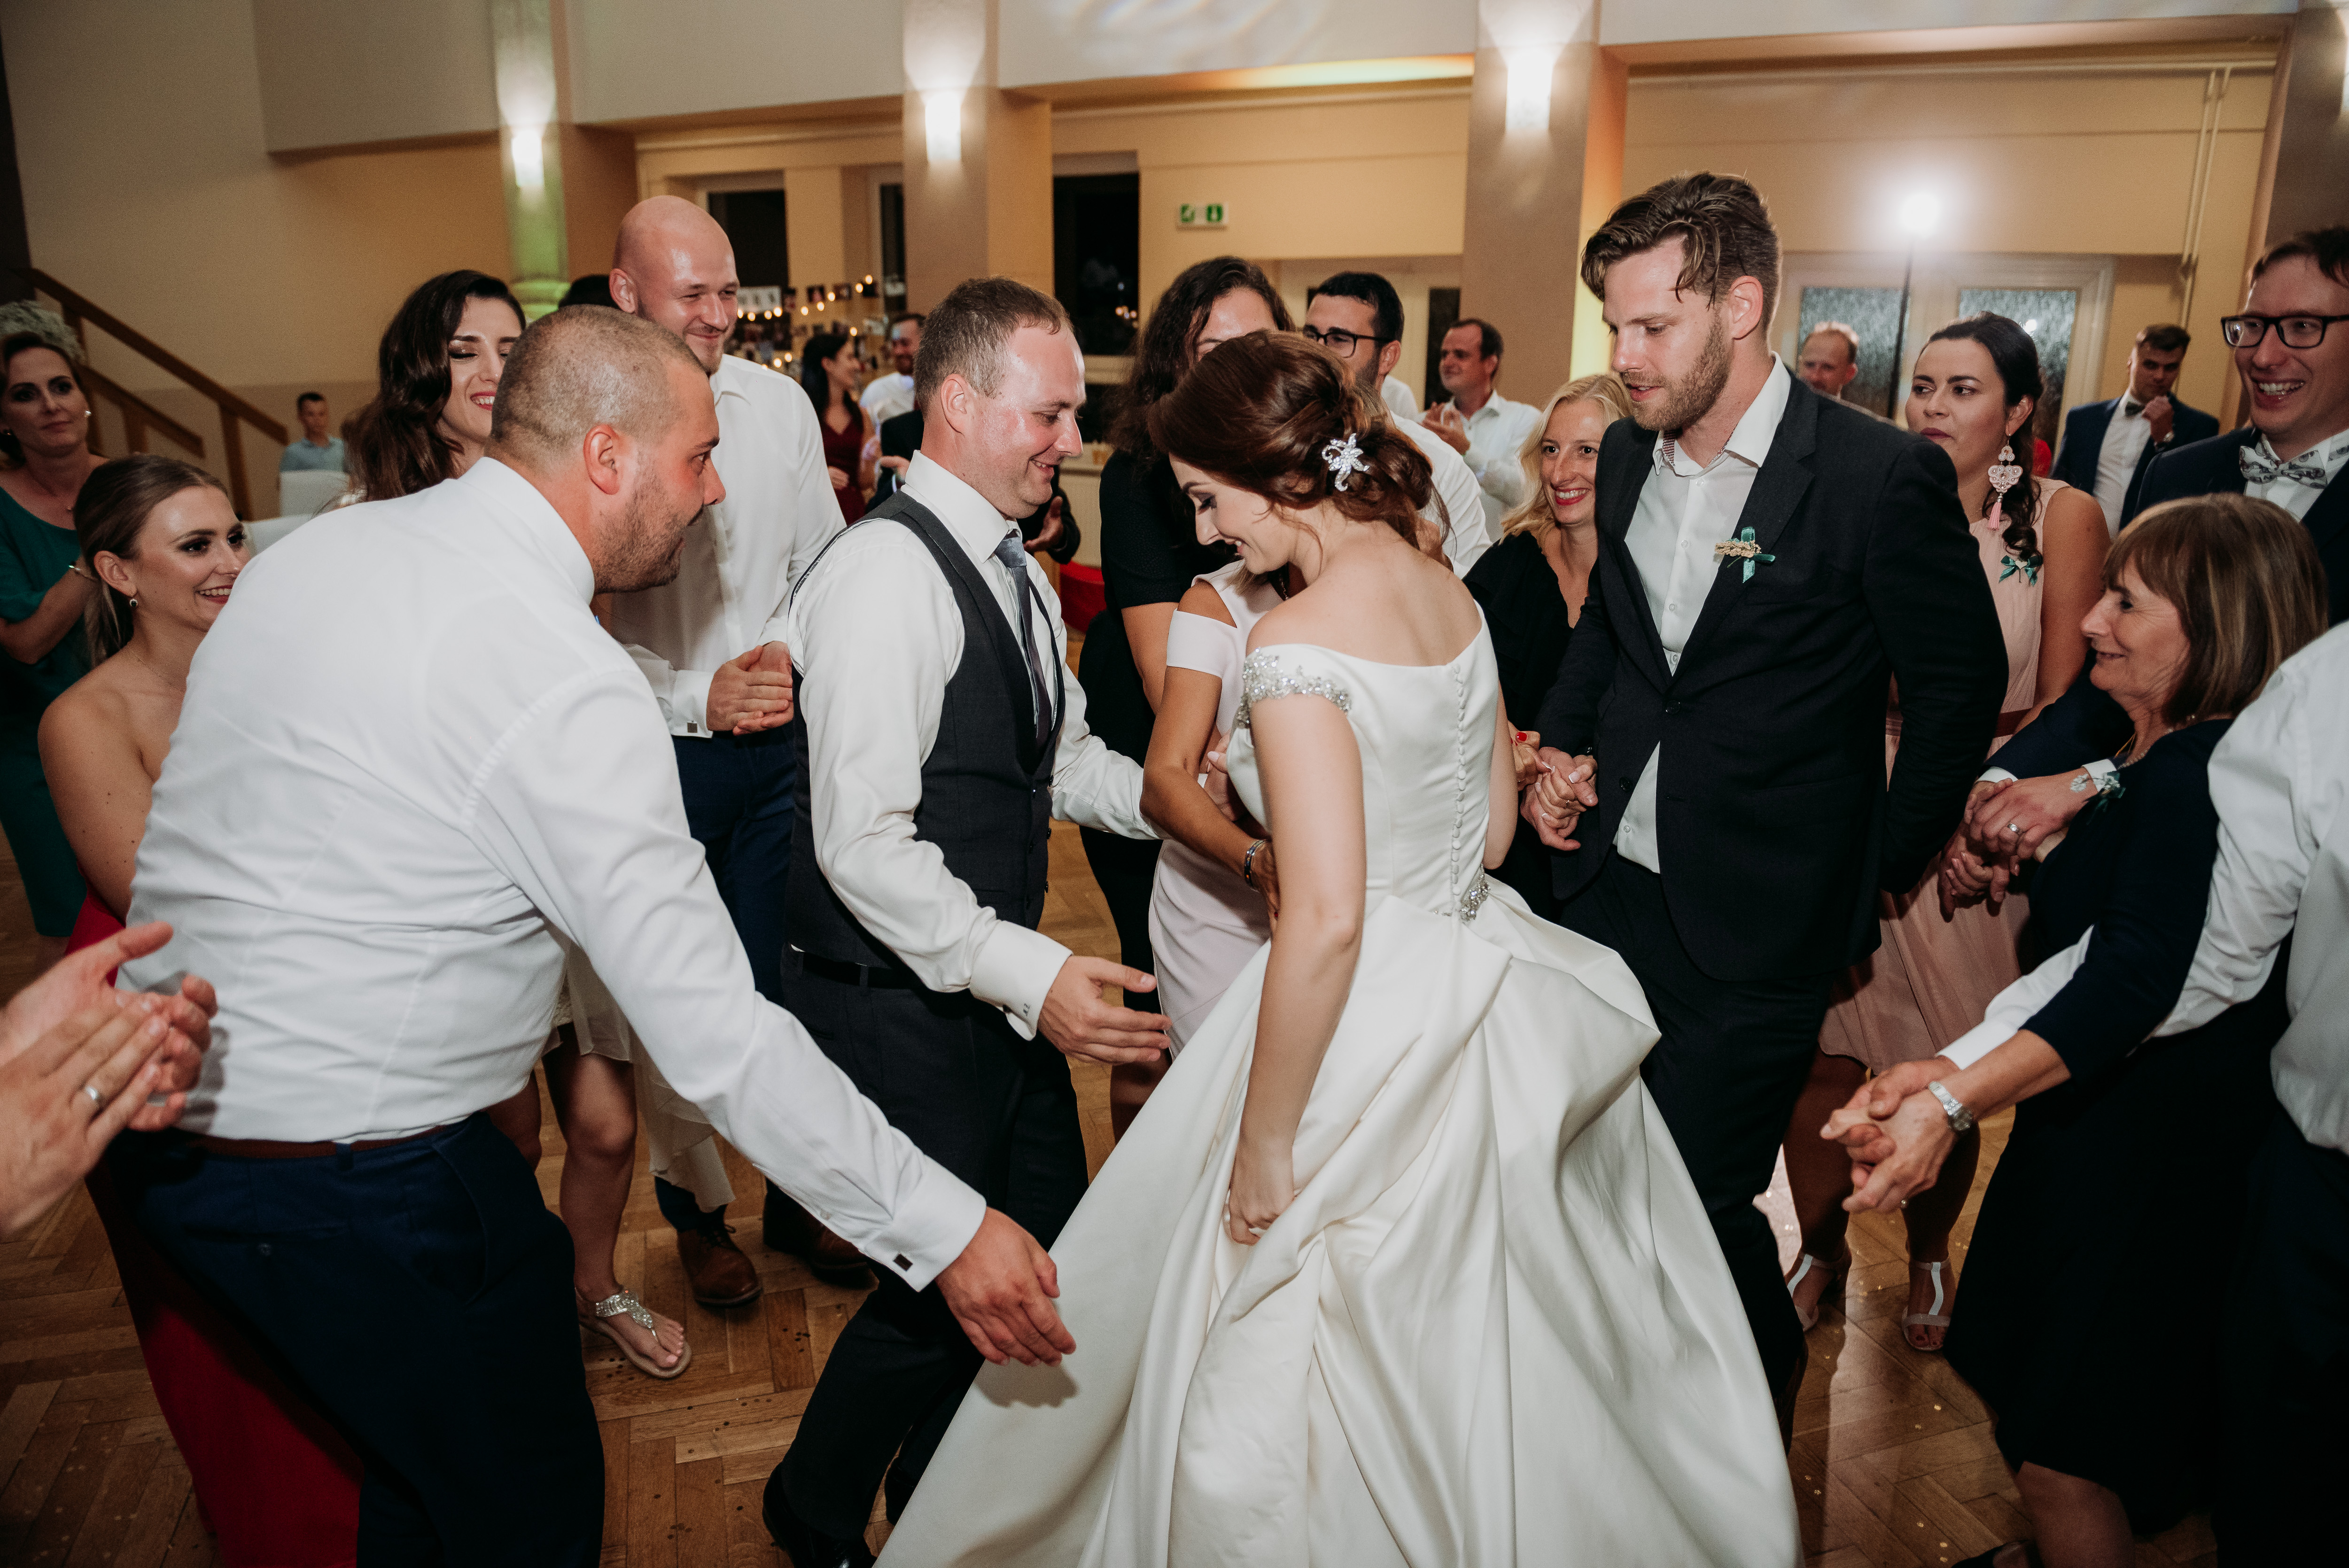 Svadba Výčapy-Opatovce, Svadba Kultúrny Dom 03